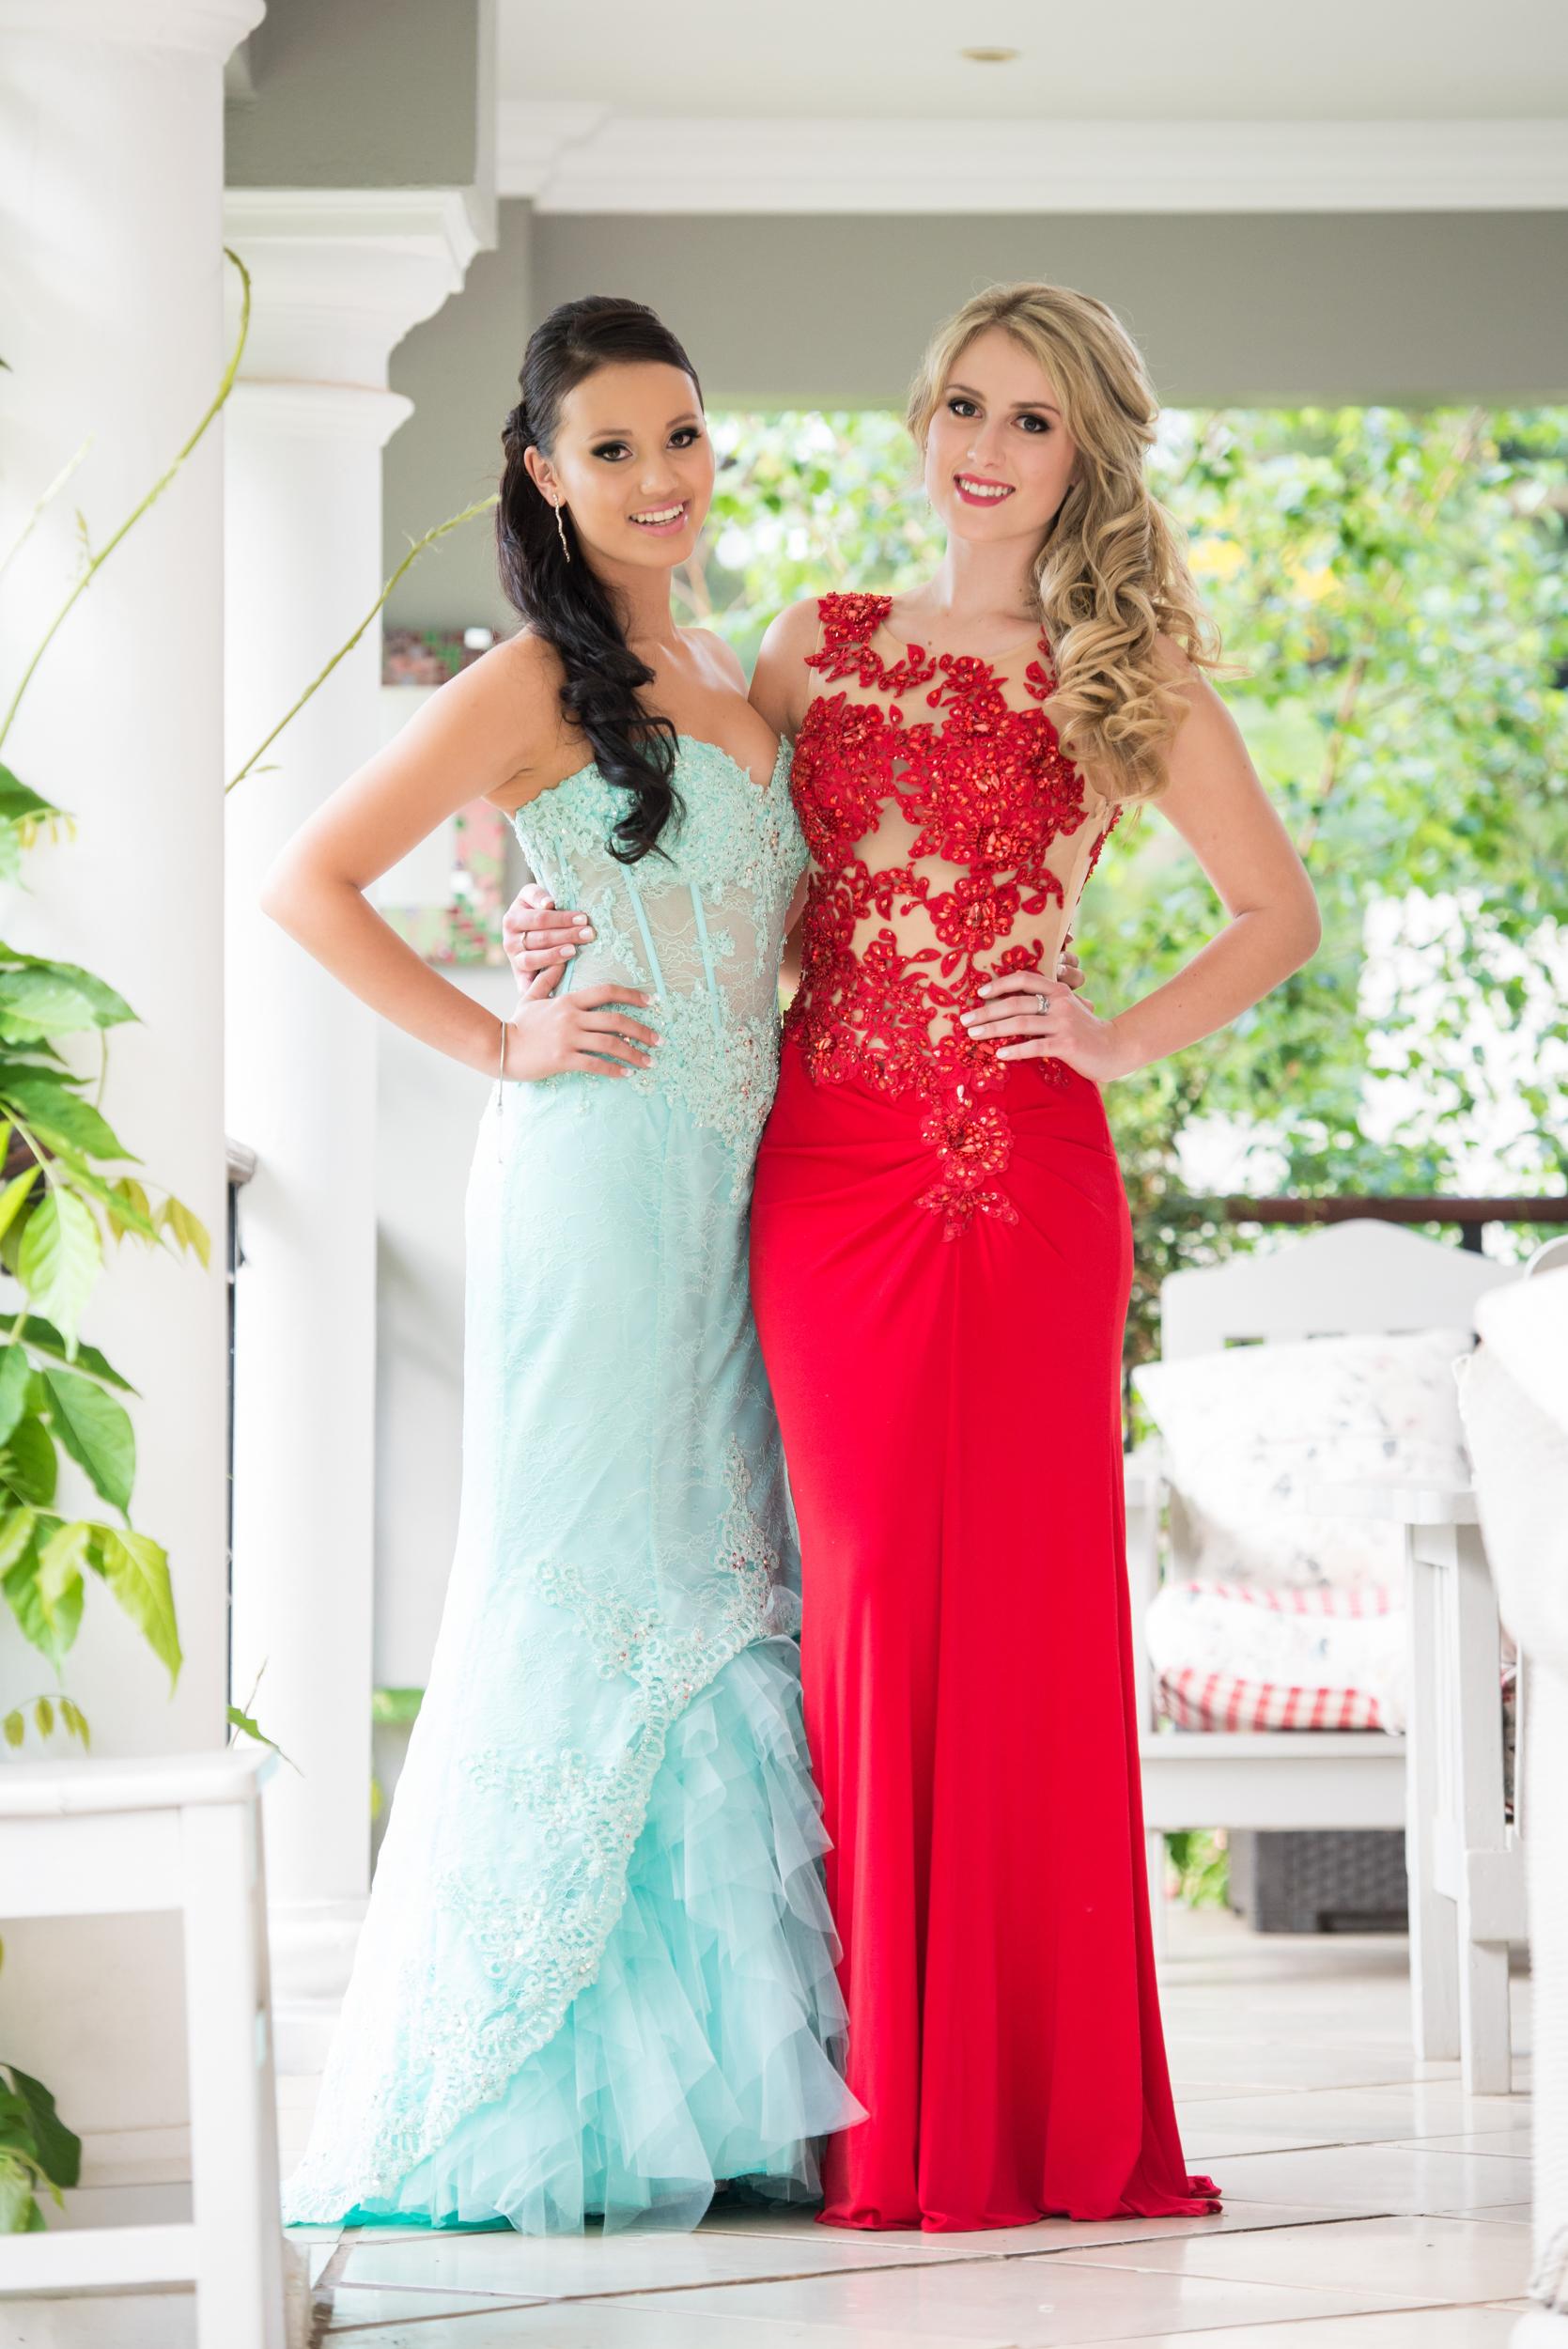 Limay and Lauren